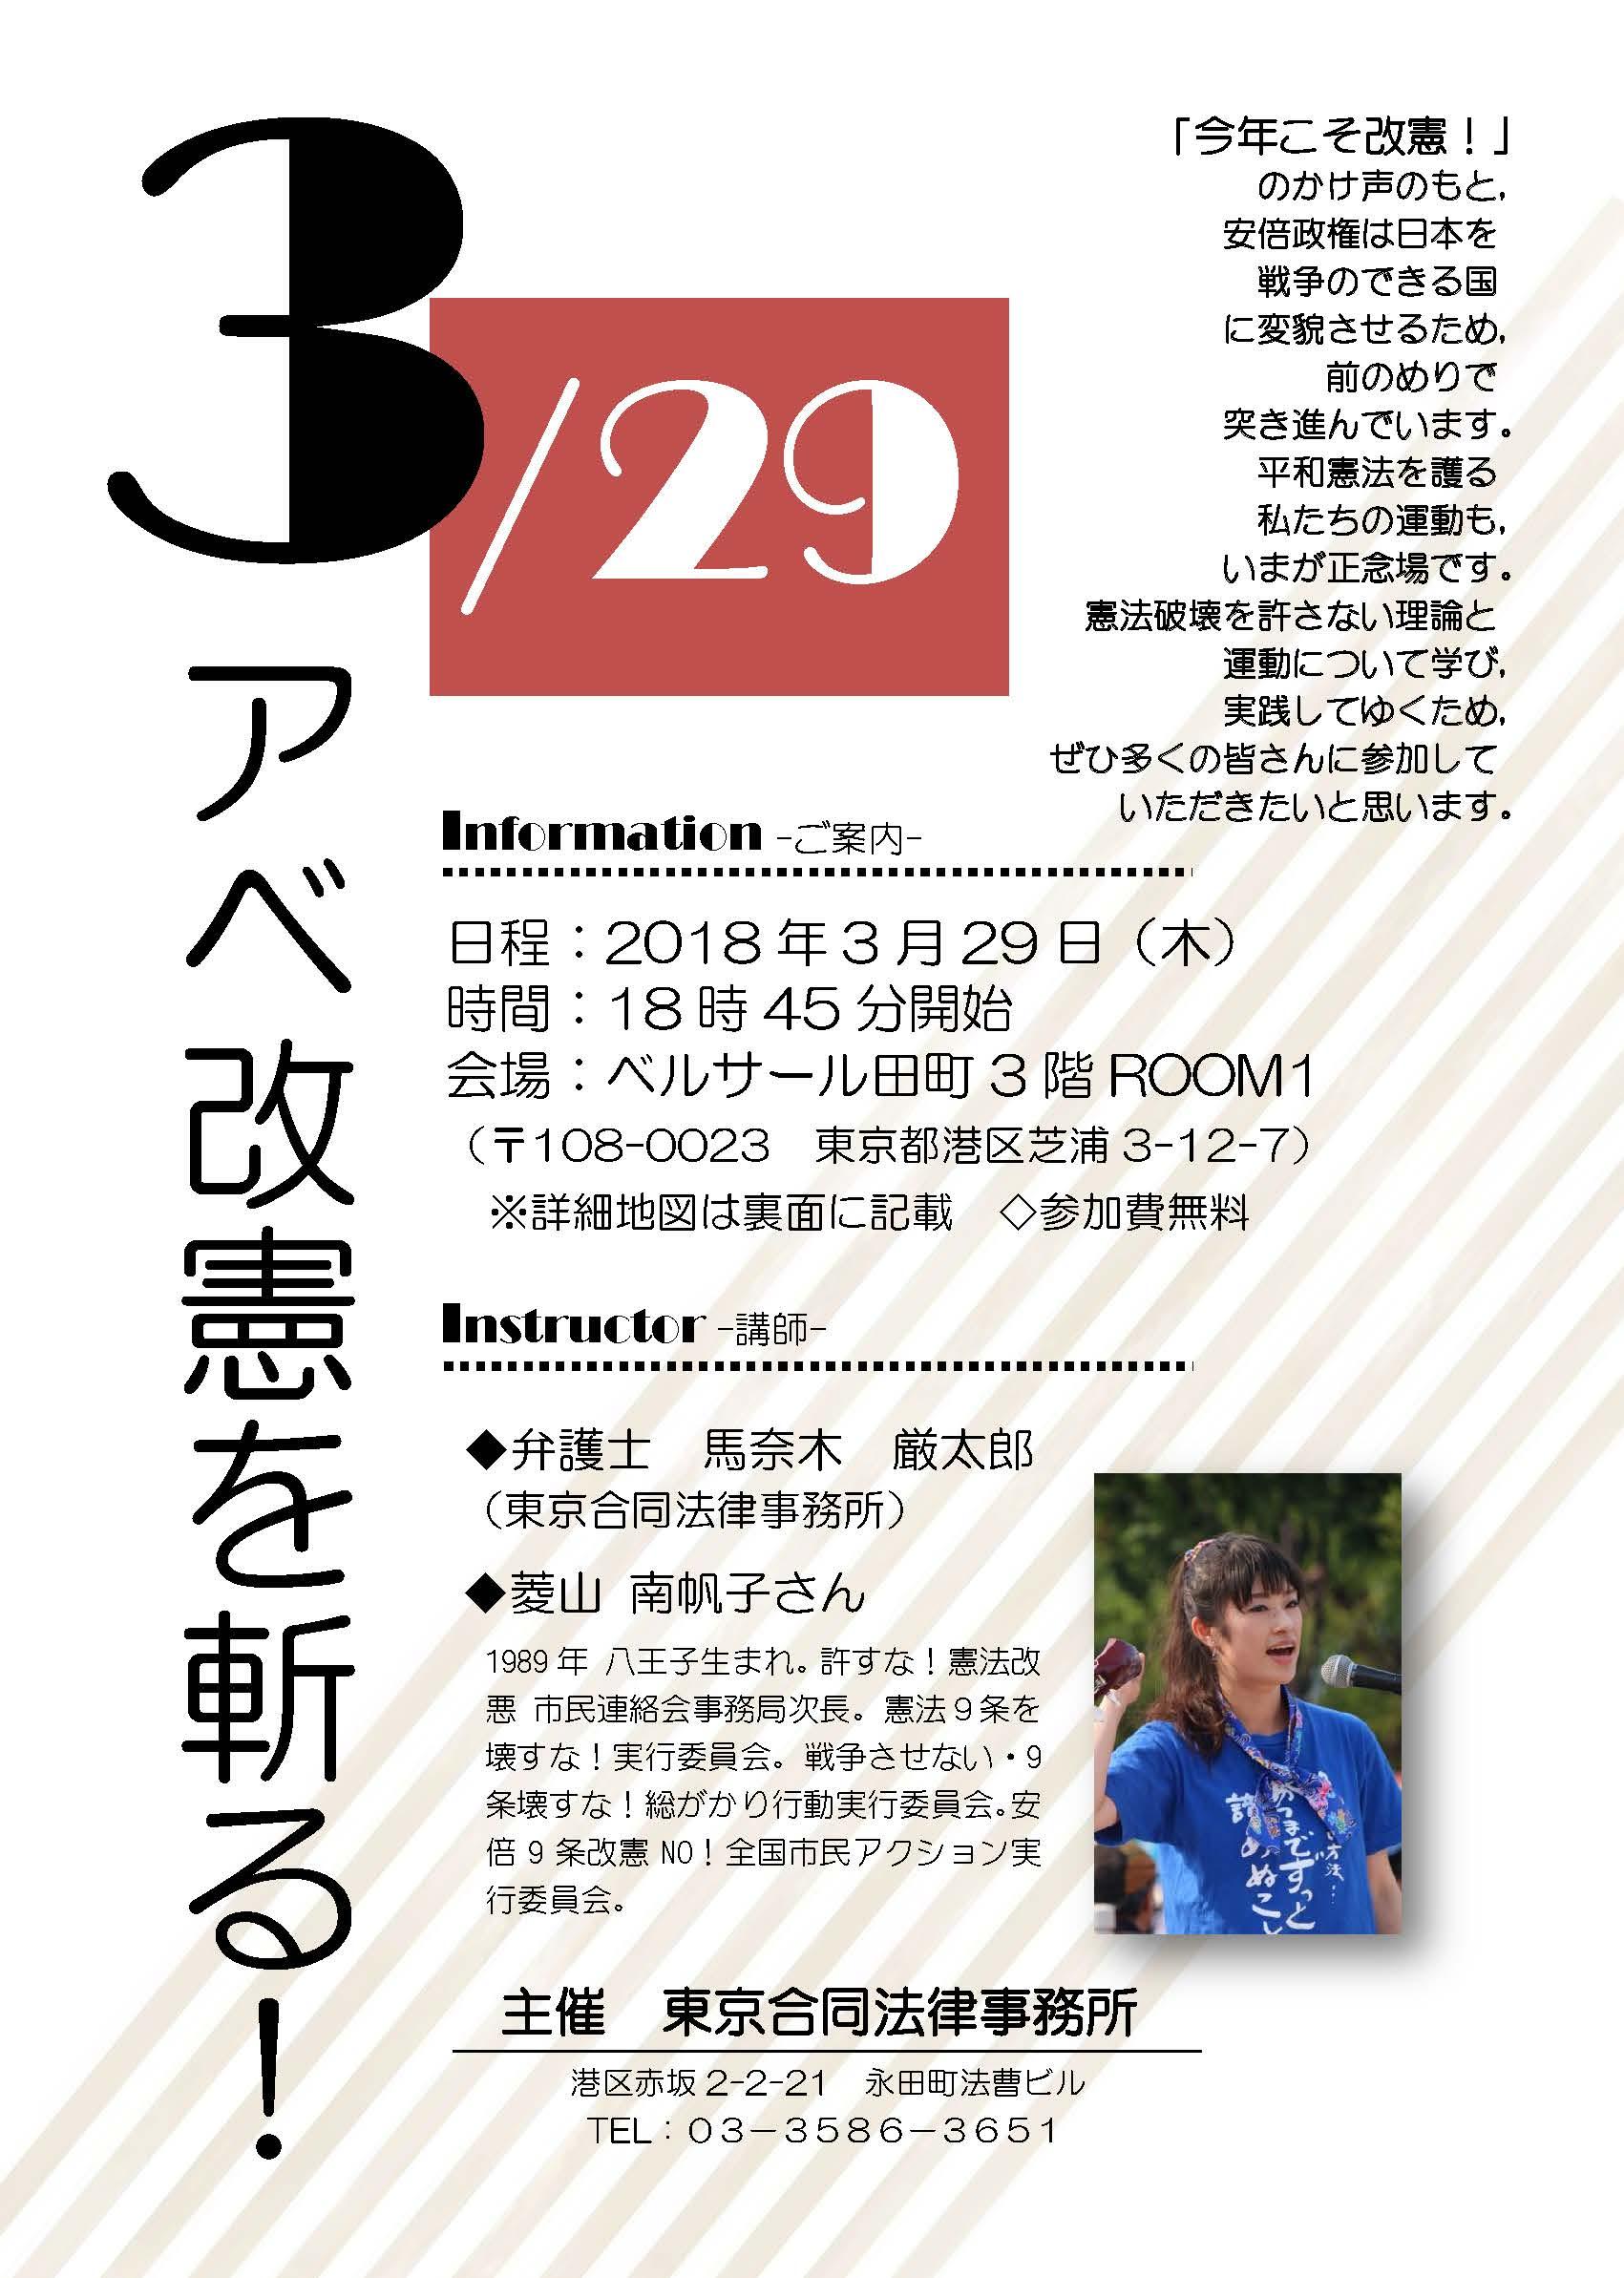 3/29アベ改憲を斬る!